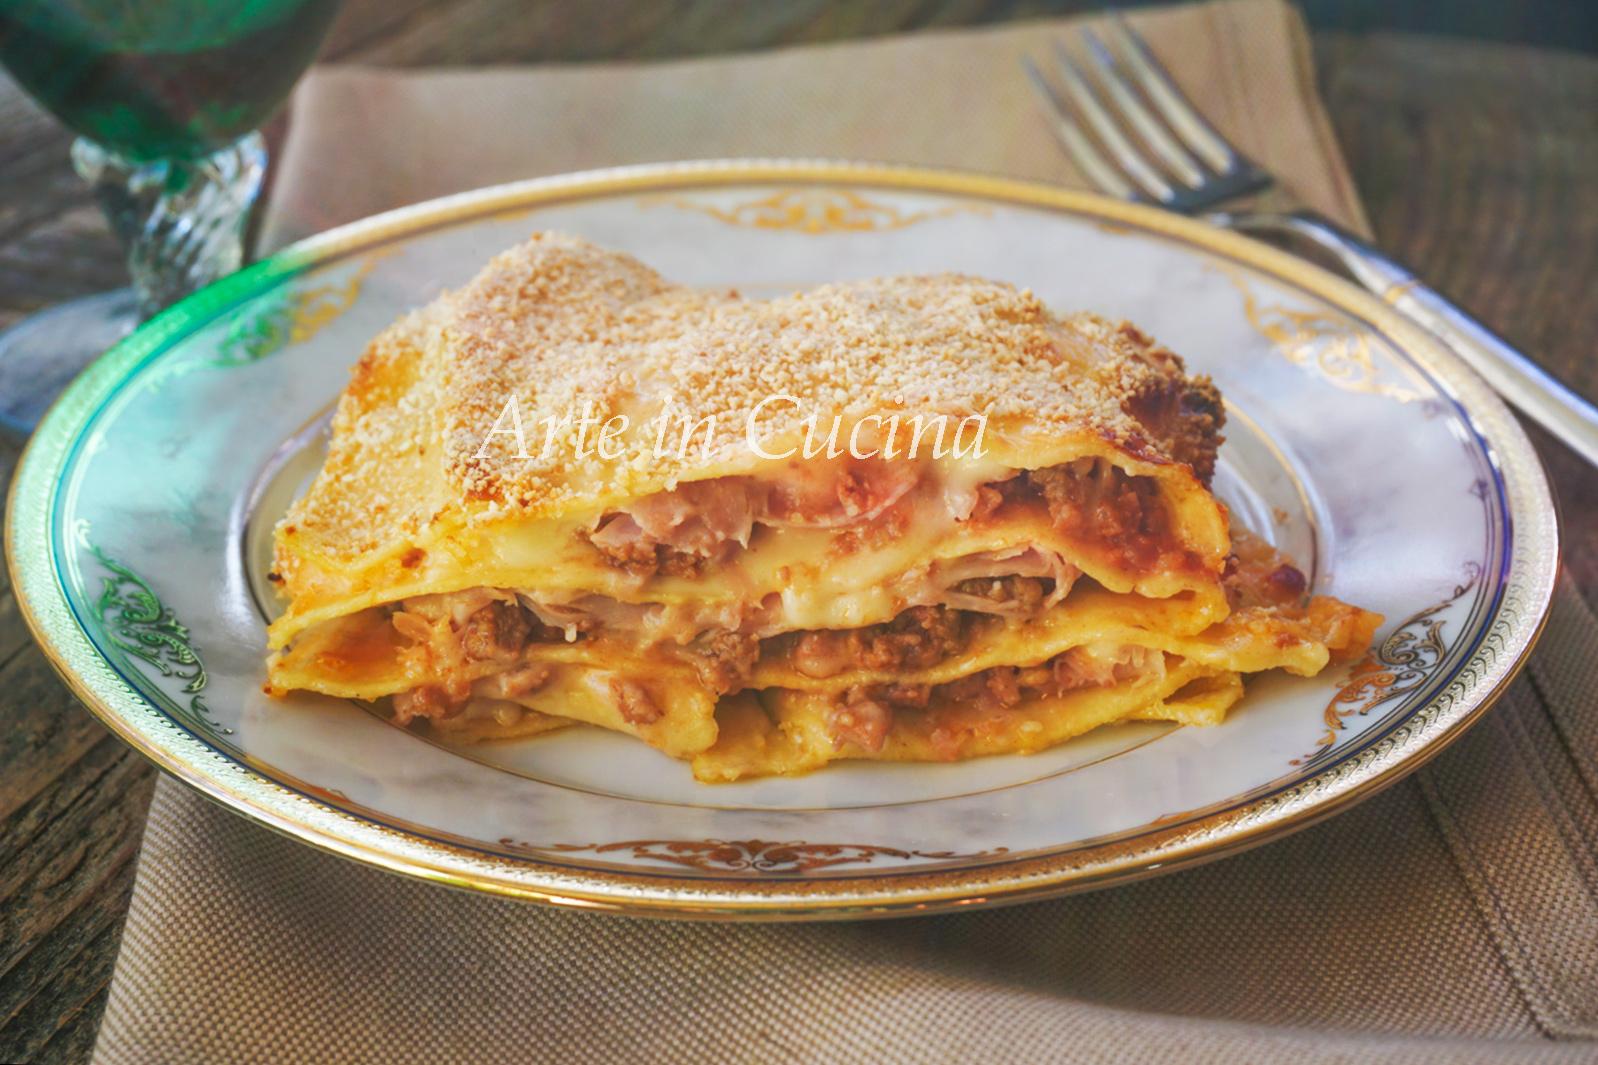 Lasagna facile e veloce prosciutto e carne vickyart arte in cucina